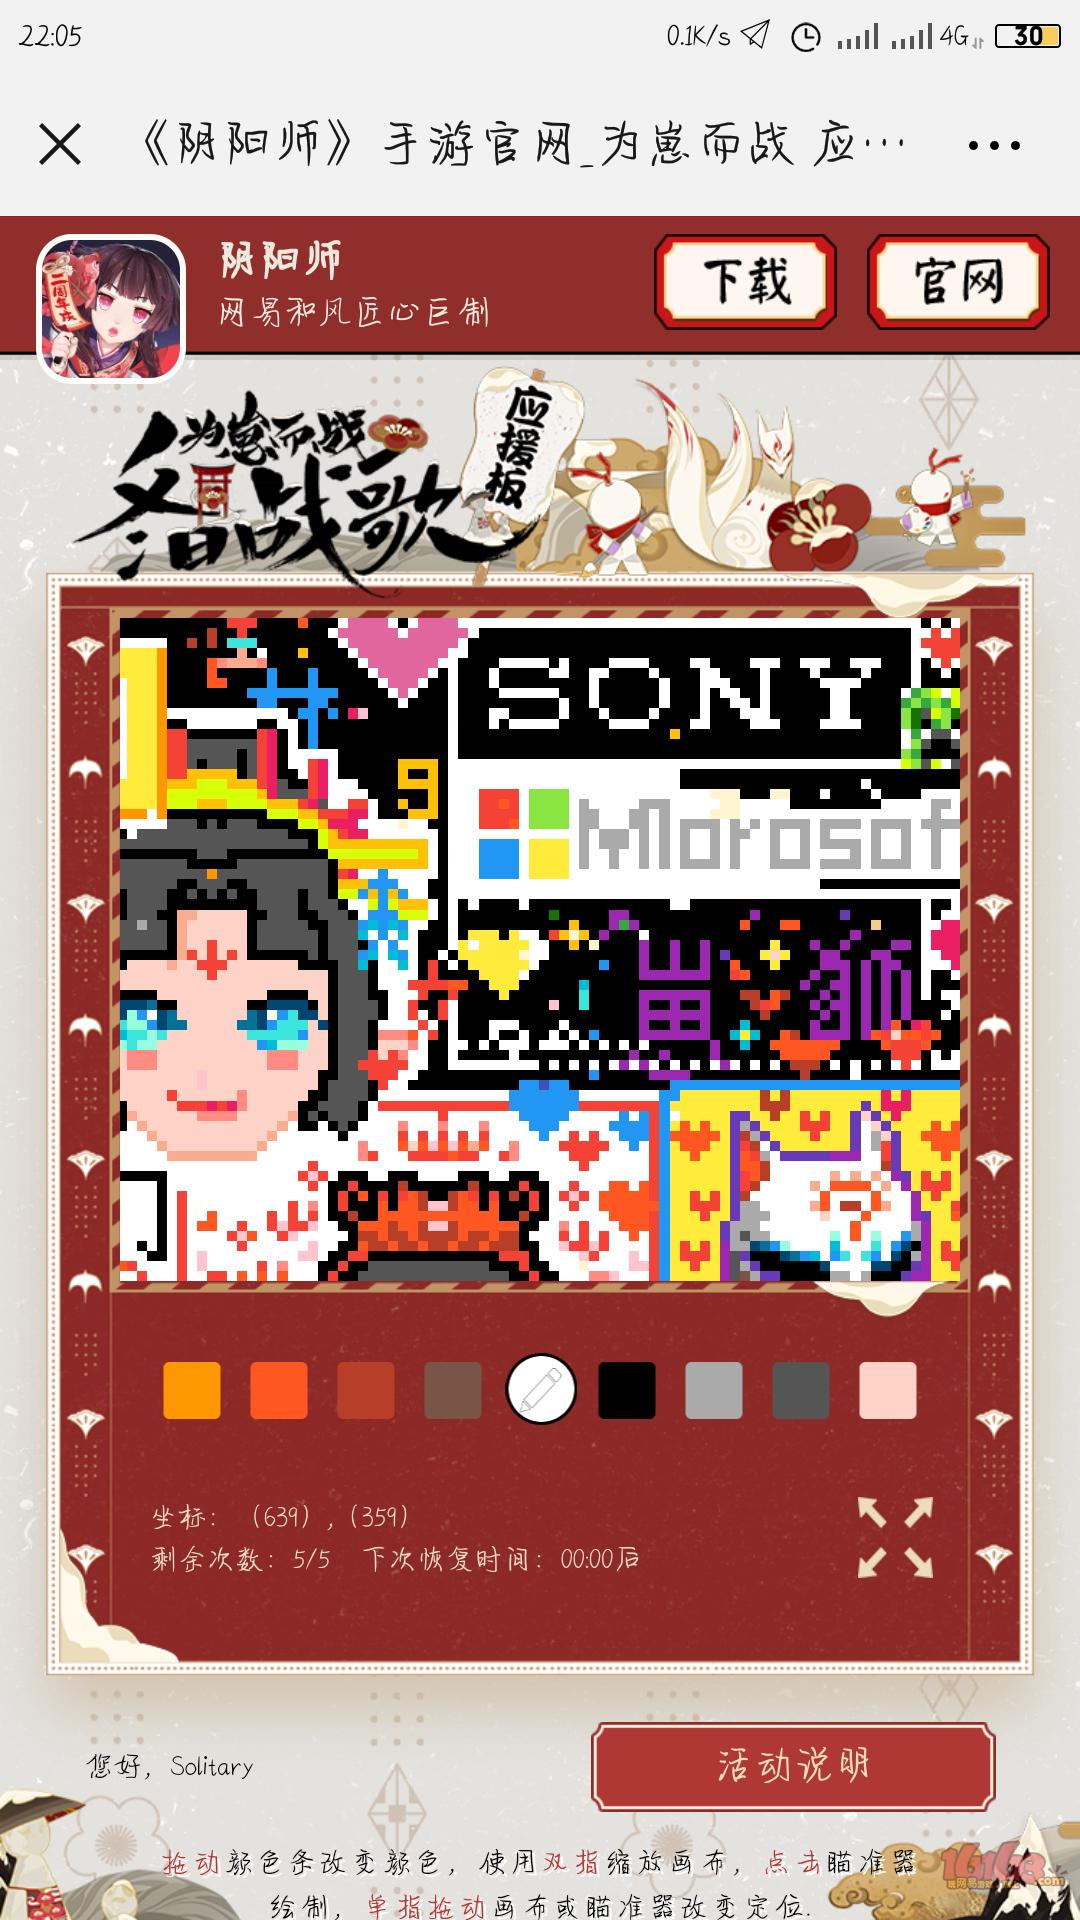 Screenshot_2019-01-11-22-05-58-276_com.tencent.mm.png